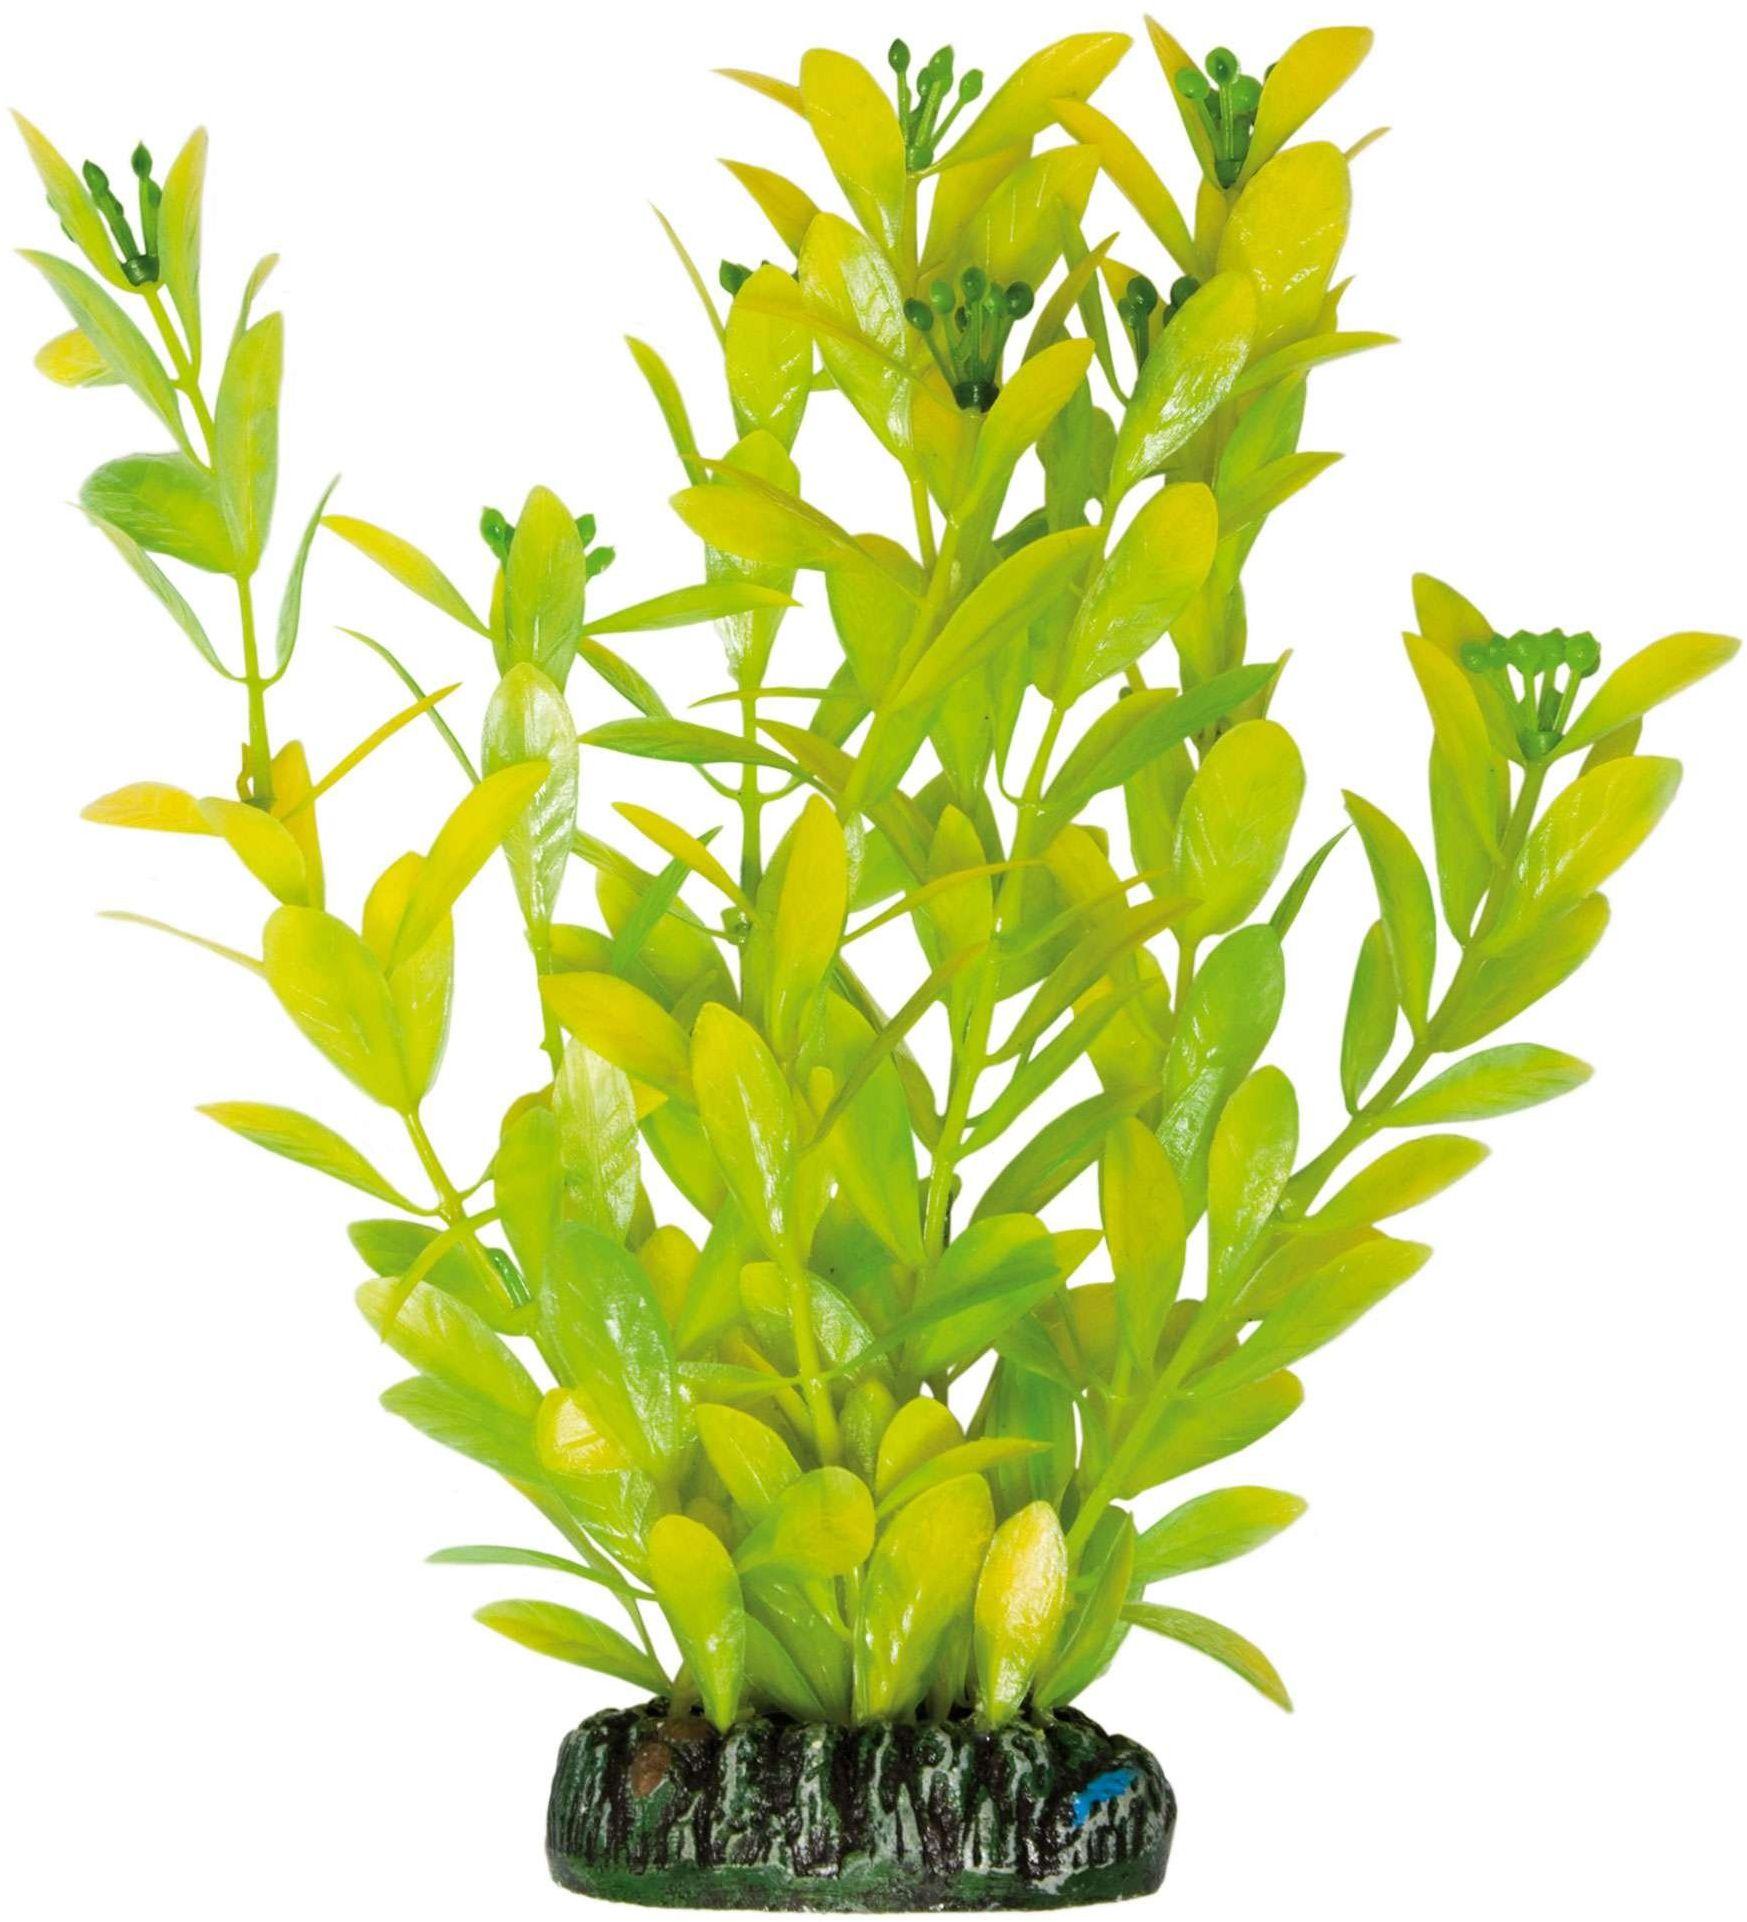 ICA AP1021 Hygrophila Polysperma od roślin wodnych, tworzywo sztuczne